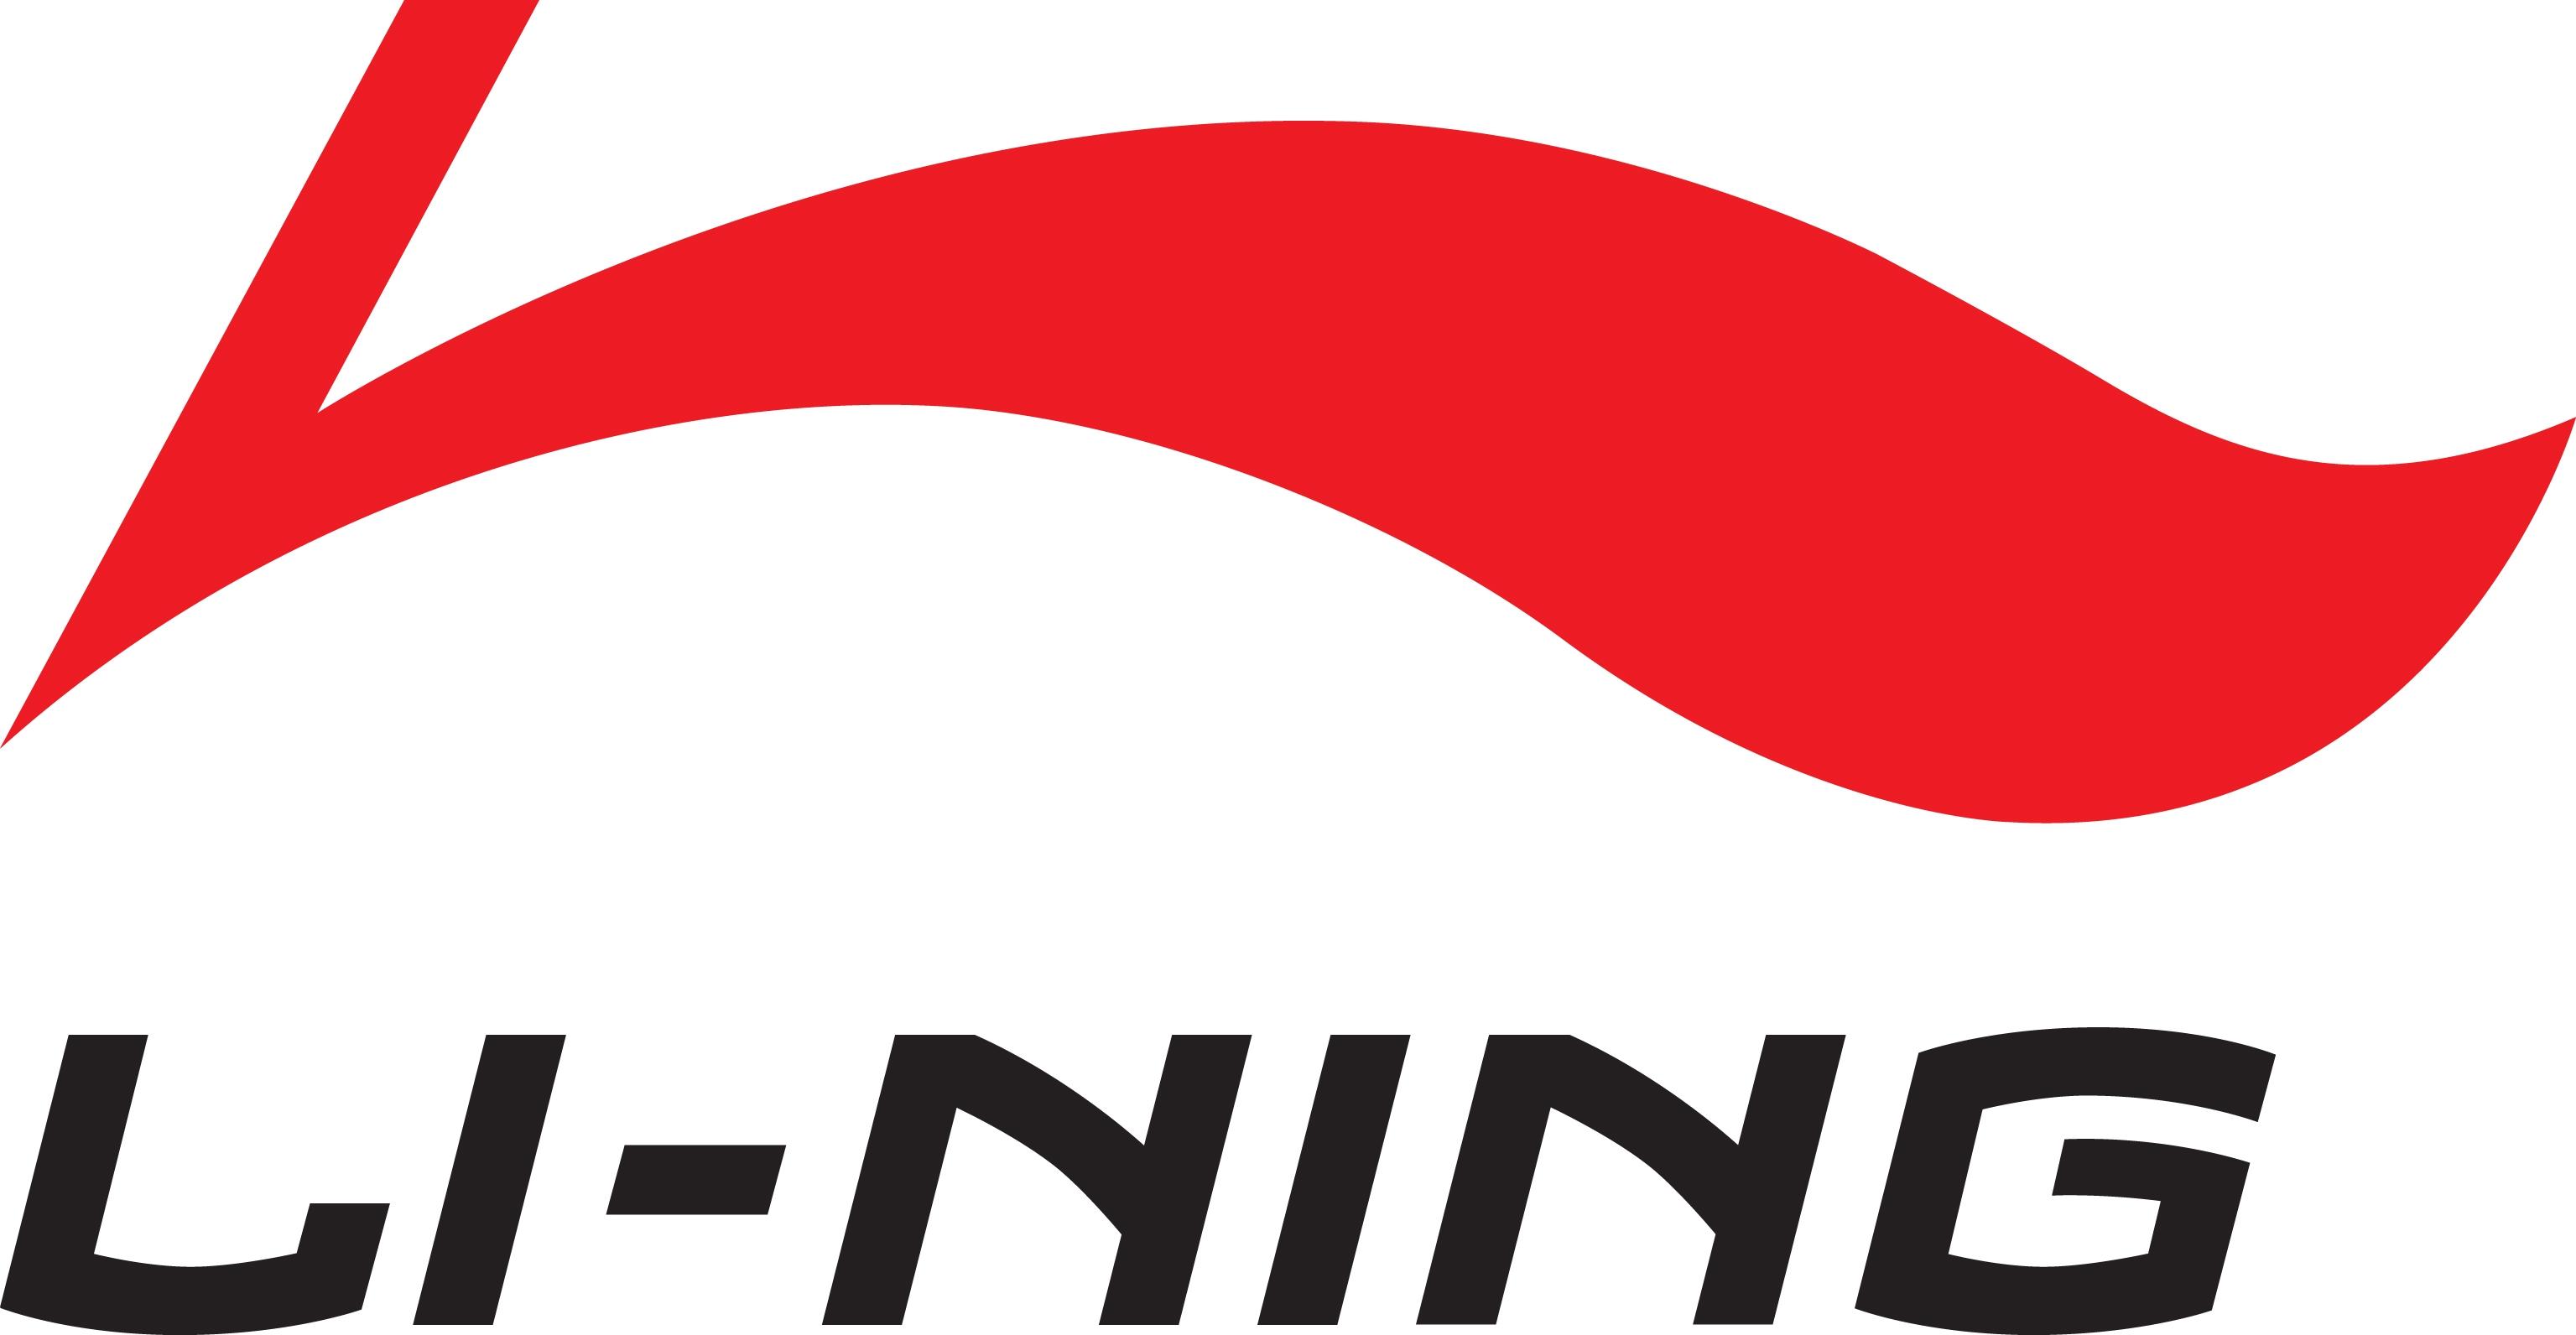 http://payertoutmoinscher.free.fr/li-ning-logo.jpg